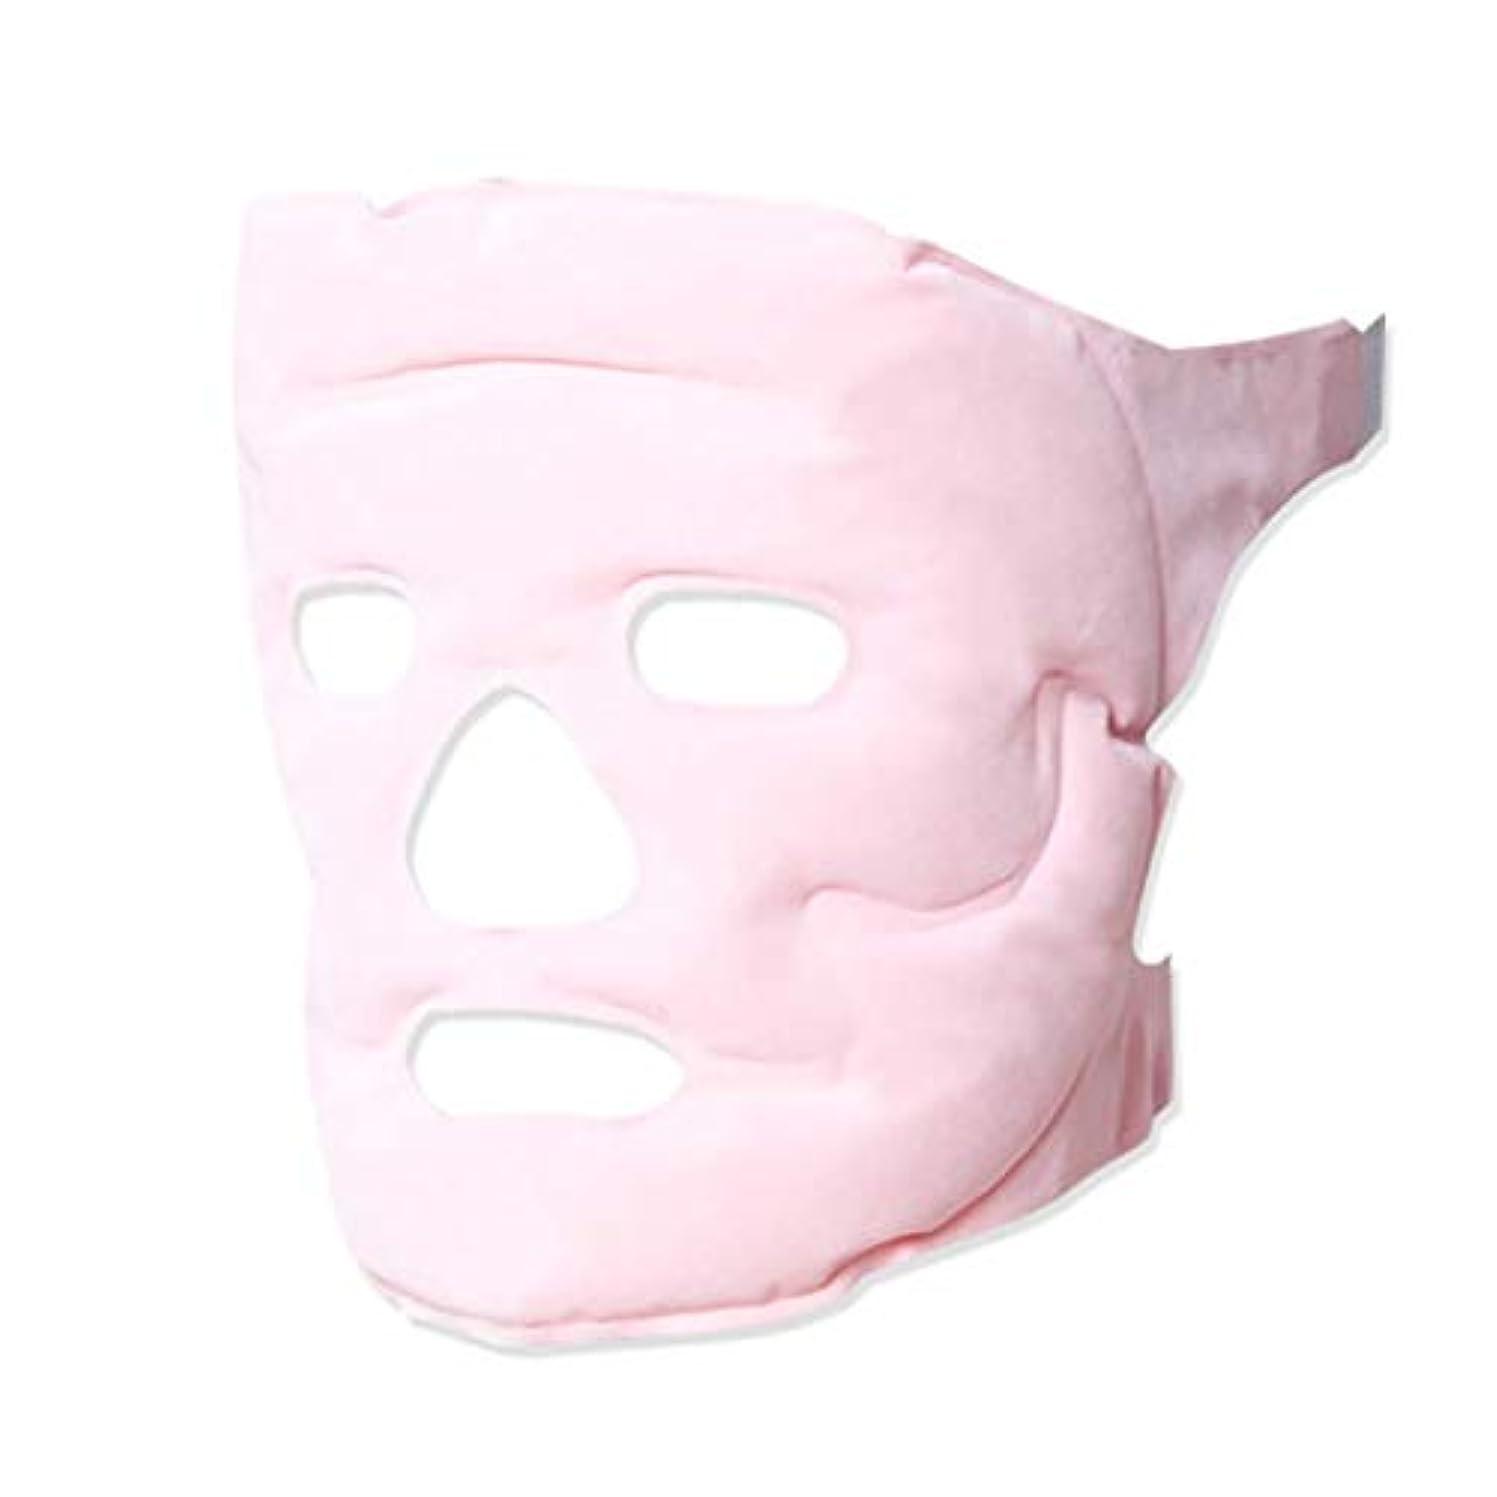 再現するさまようシュートvフェイスマスク睡眠薄い顔で美容マスク磁気療法リフティングフェイシャル引き締め判決パターン包帯アーティファクトピンク